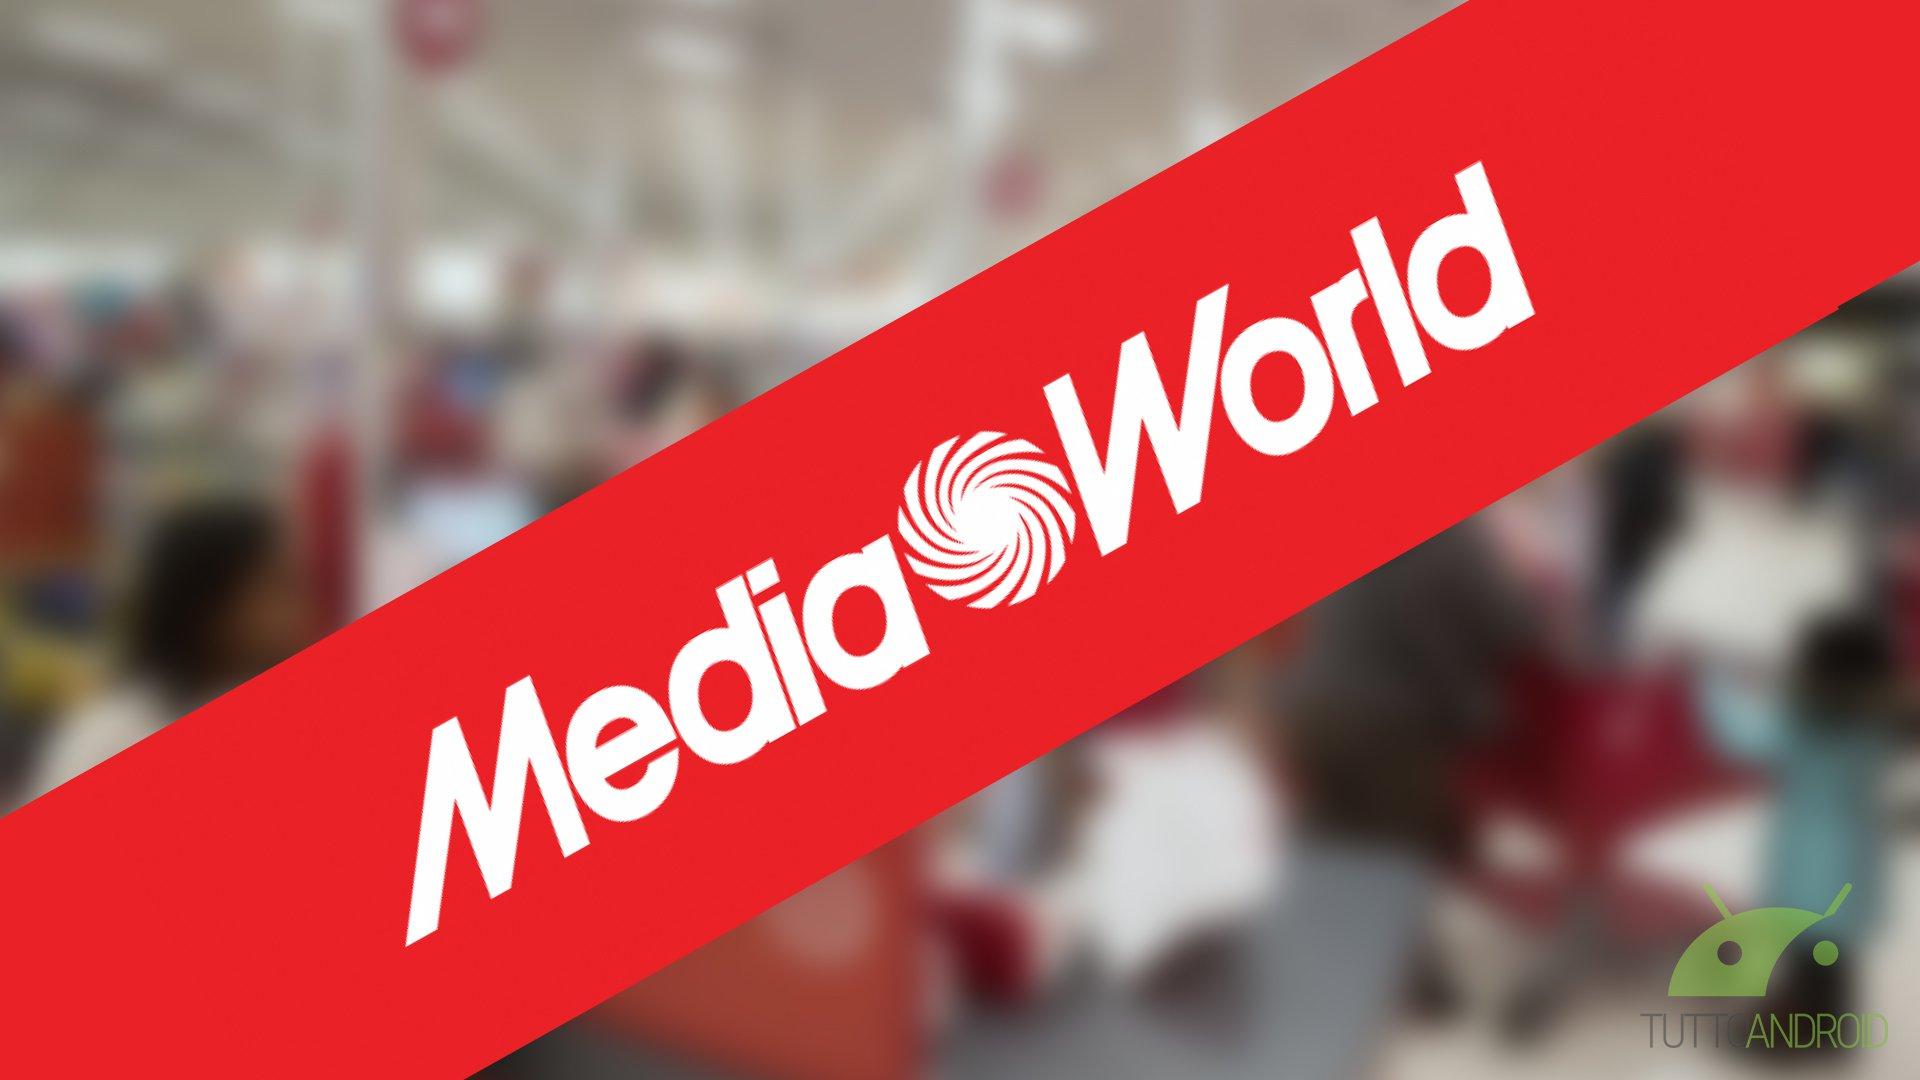 684c21fcde0049 MediaWorld anticipa il Red Friday con alcune interessanti offerte in  anteprima | TuttoAndroid